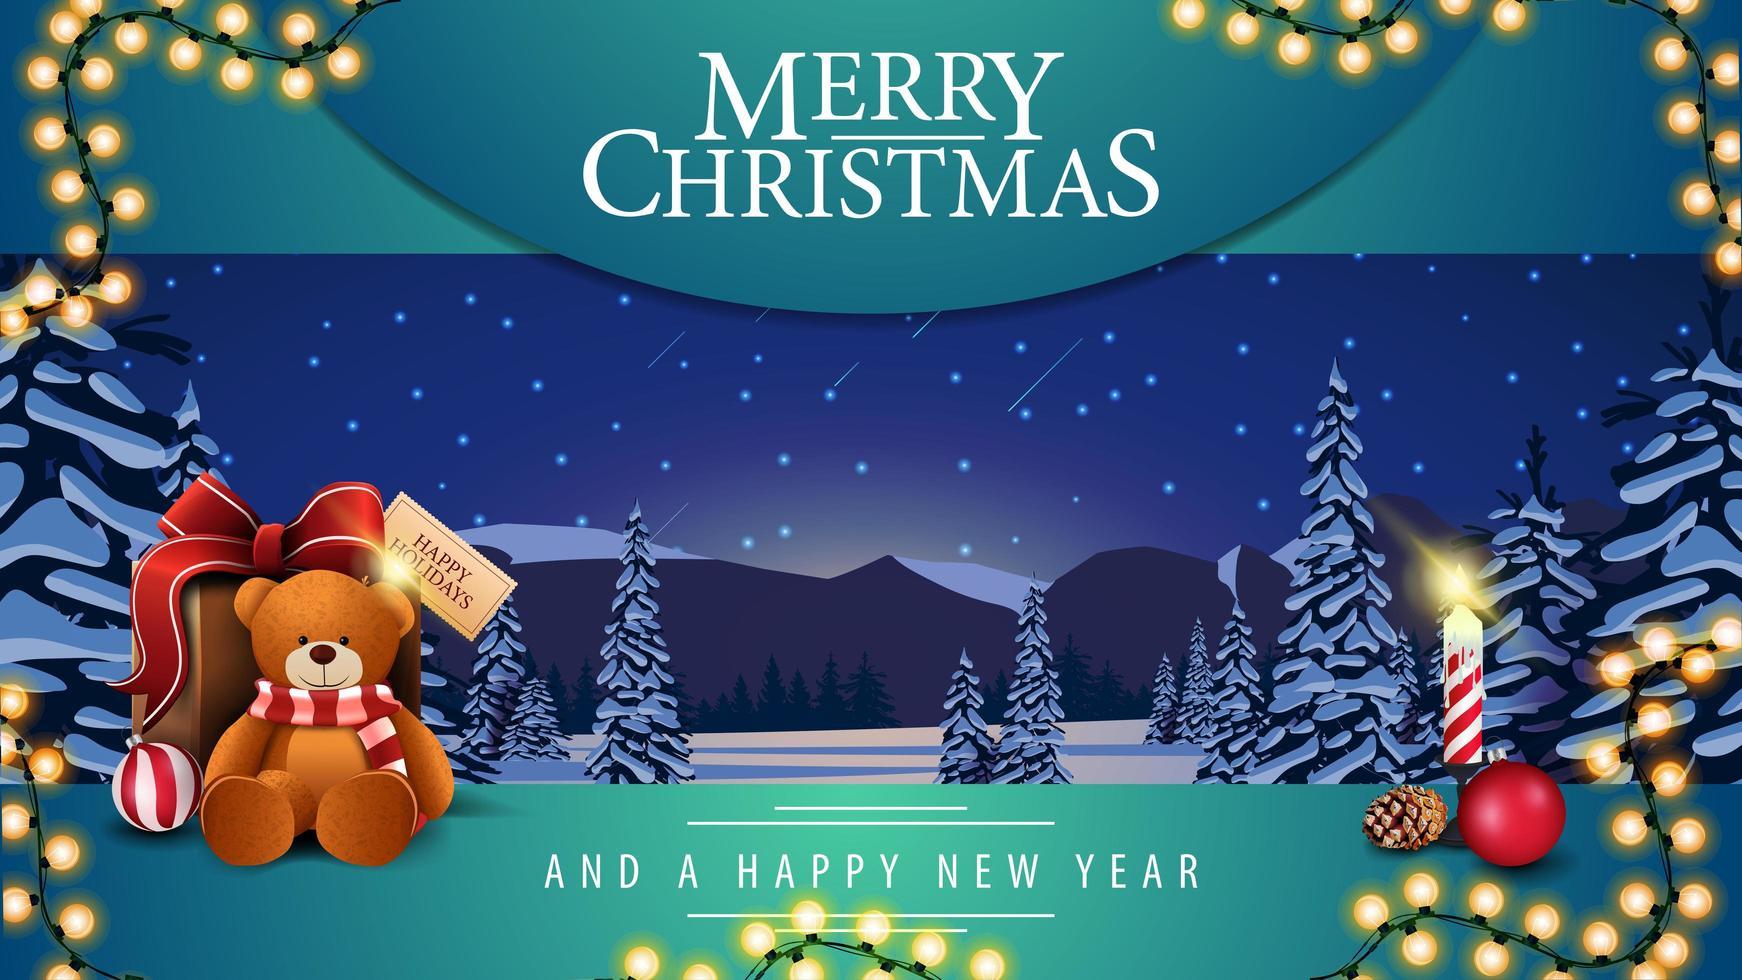 Cartoline Buon Natale E Felice Anno Nuovo.Buon Natale E Una Cartolina Di Felice Anno Nuovo 1593204 Scarica Immagini Vettoriali Gratis Grafica Vettoriale E Disegno Modelli